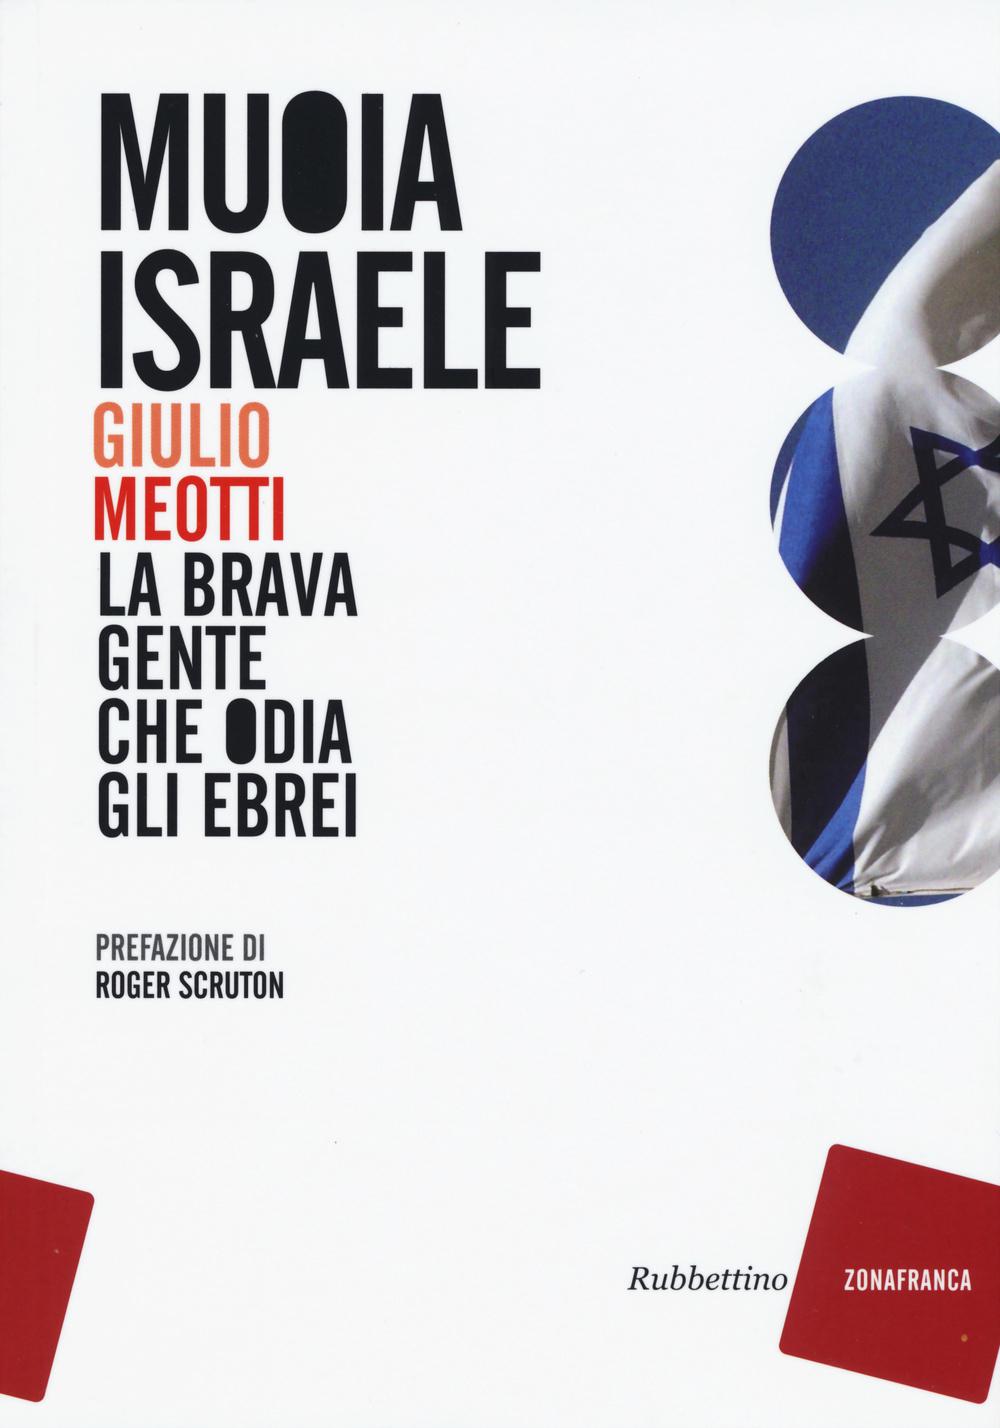 MUOIA ISRAELE. LA BRAVA GENTE CHE ODIA GLI EBREI - 9788849844221